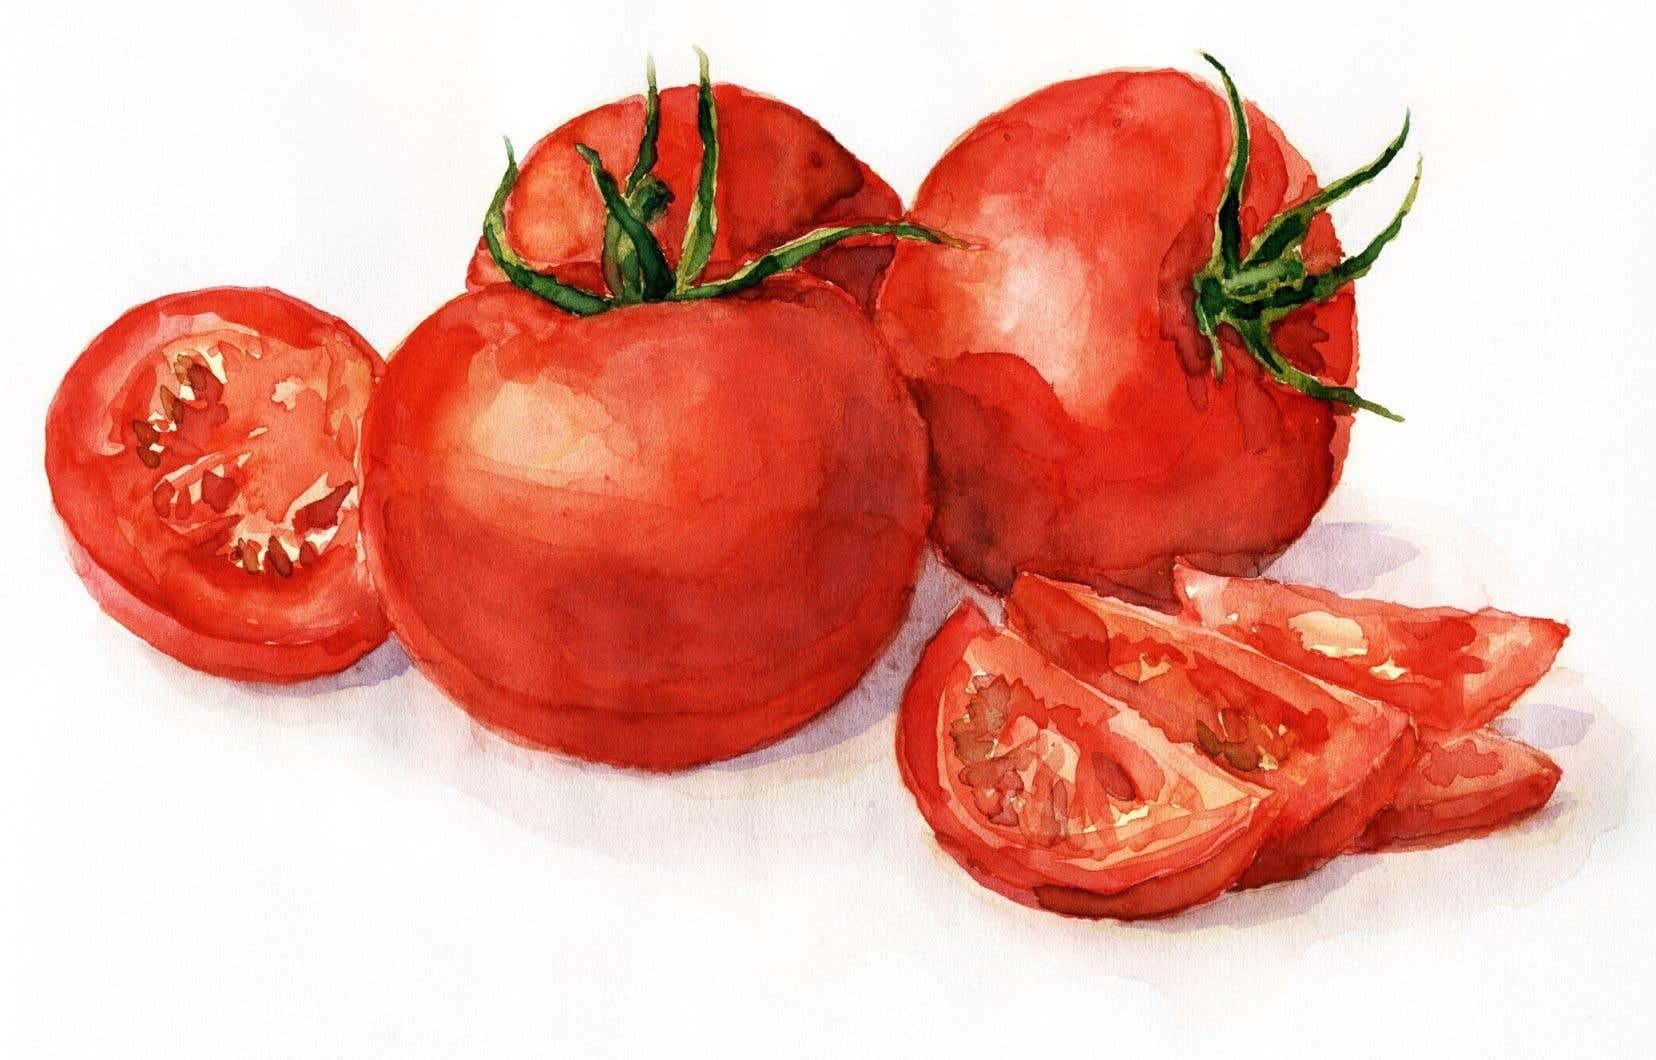 Selon ce que vous désirez faire avec vos tomates, les techniques de récolte diffèrent.